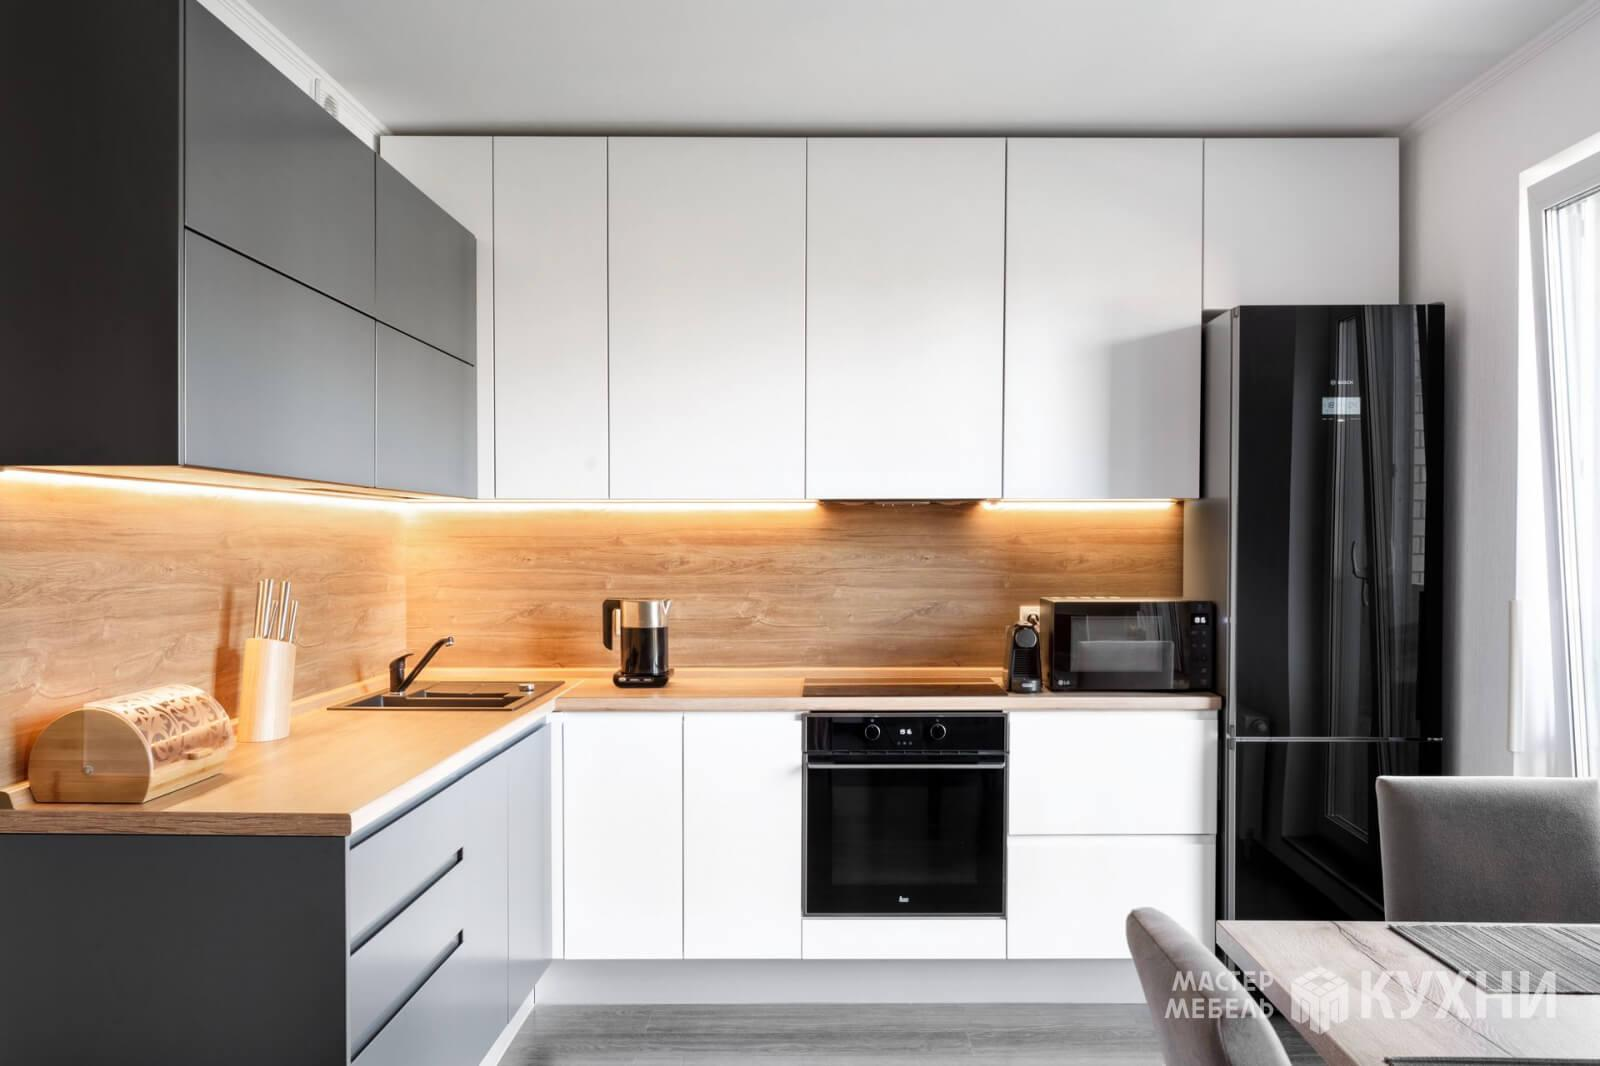 Планировка кухни 9 кв метров – как создать красивый интерьер